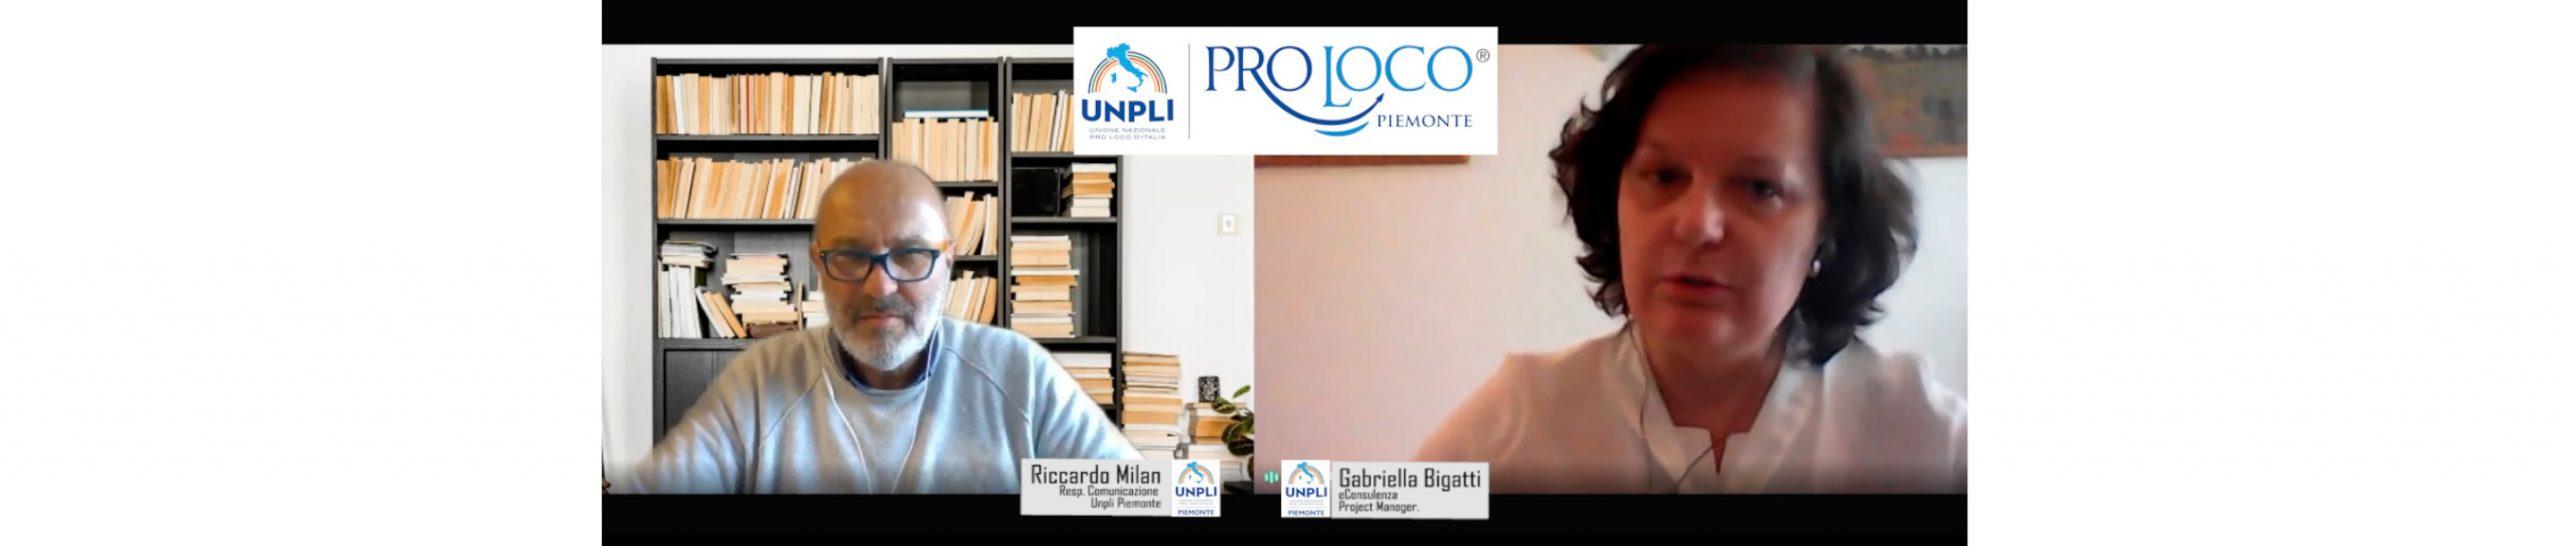 Sole o in Rete? Le Pro Loco e i Fondi Europei, il ruolo dell'UNPLI. Breve chiacchierata con Gabriella Bigatti, fondatrice, formatrice e progettista di Europrogettazione